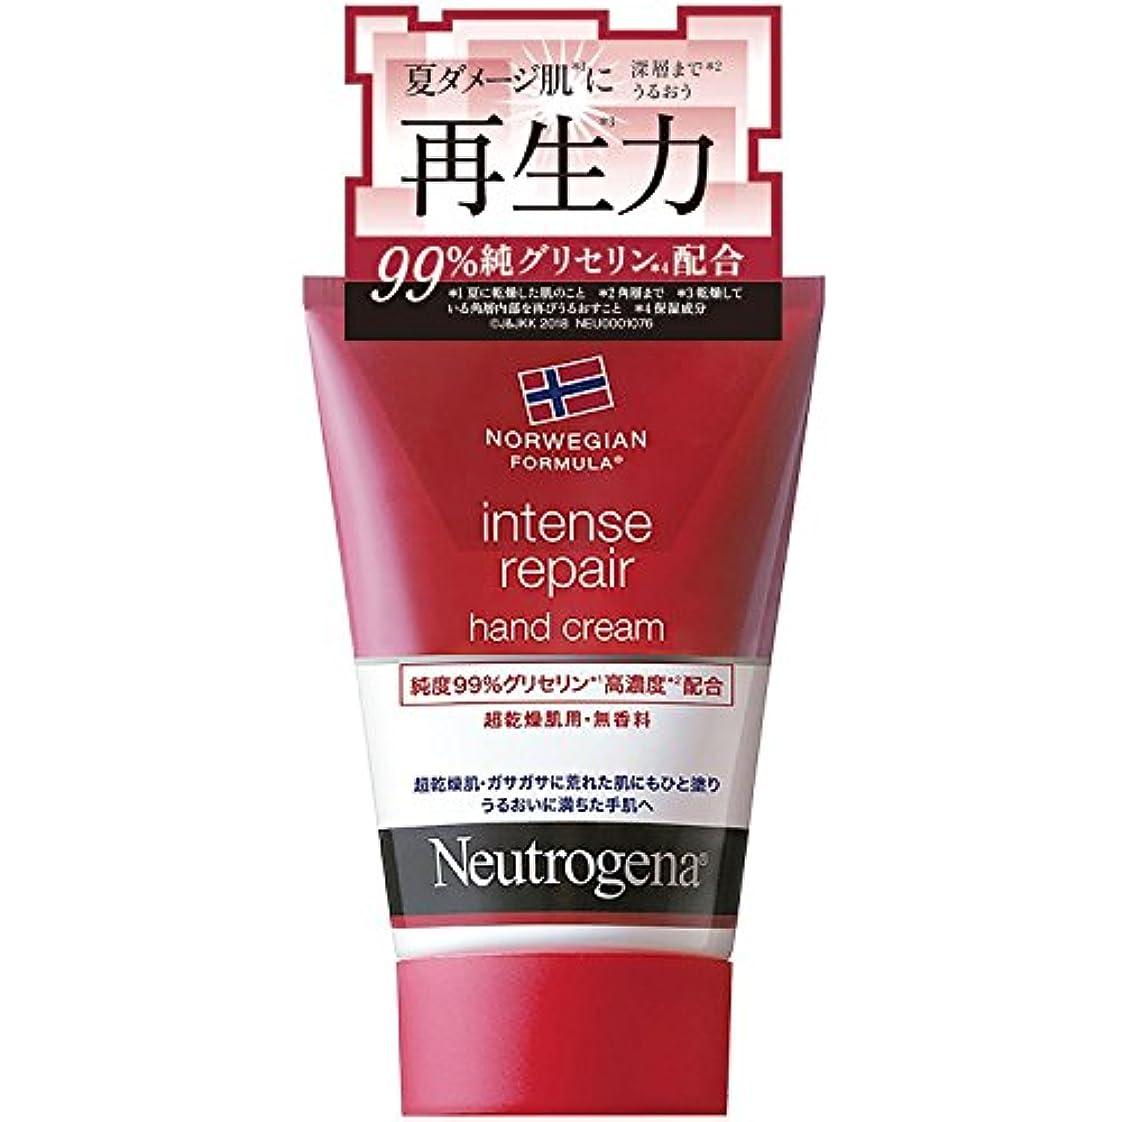 遵守するいらいらする反応するNeutrogena(ニュートロジーナ) ノルウェーフォーミュラ インテンスリペア ハンドクリーム 超乾燥肌用 無香料 単品 50g